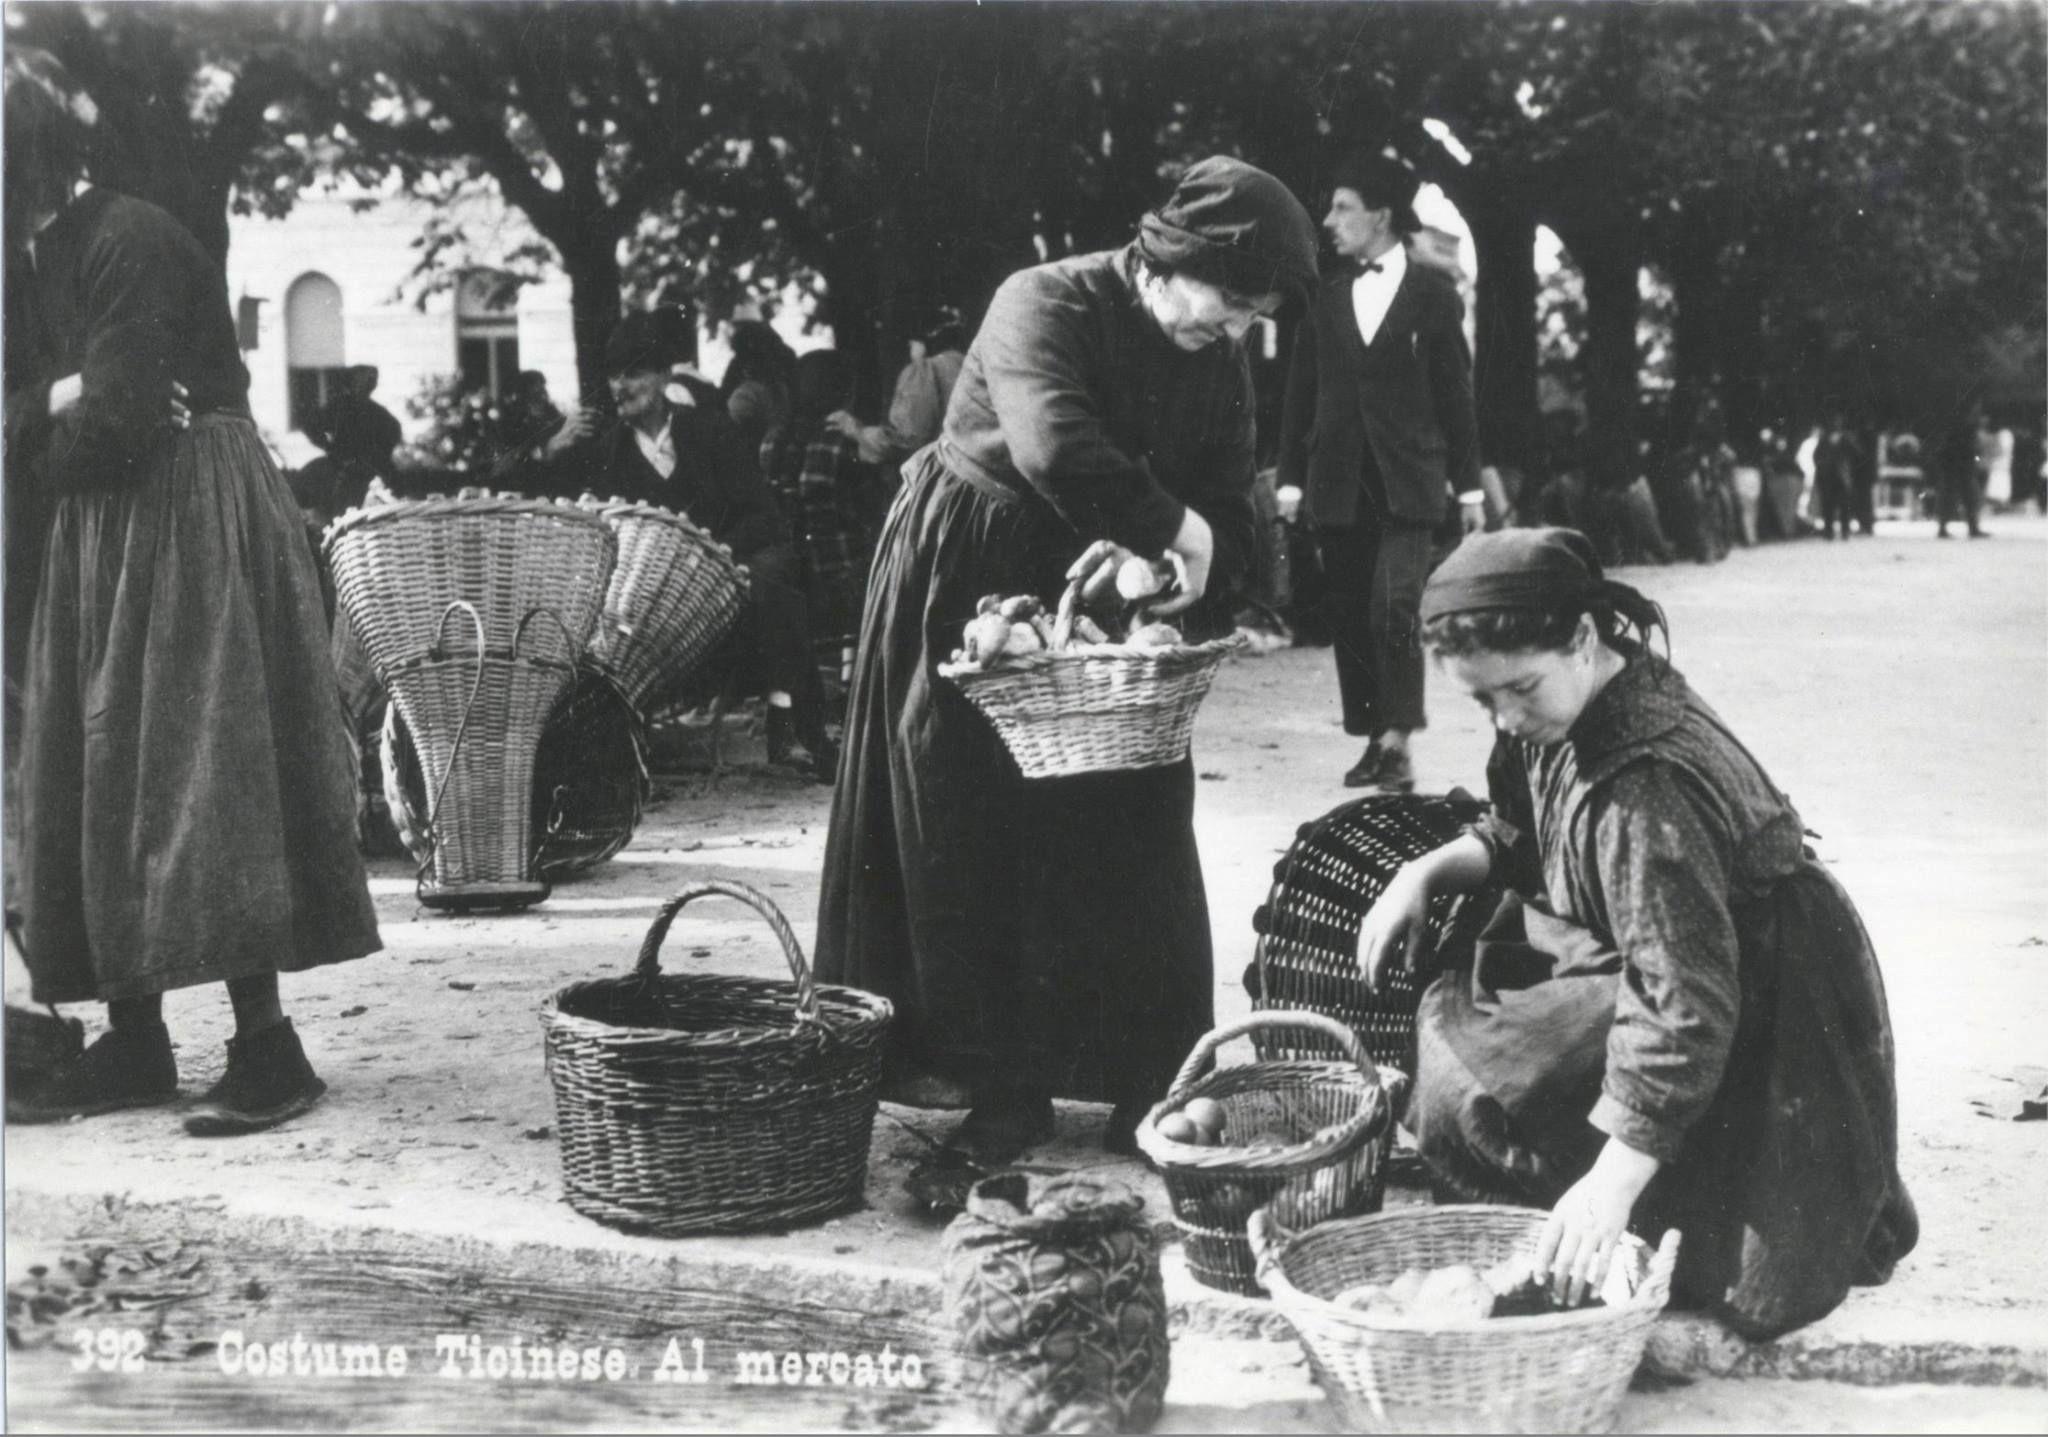 antica e moderna usanza: i mercati agricoli a filiera corta